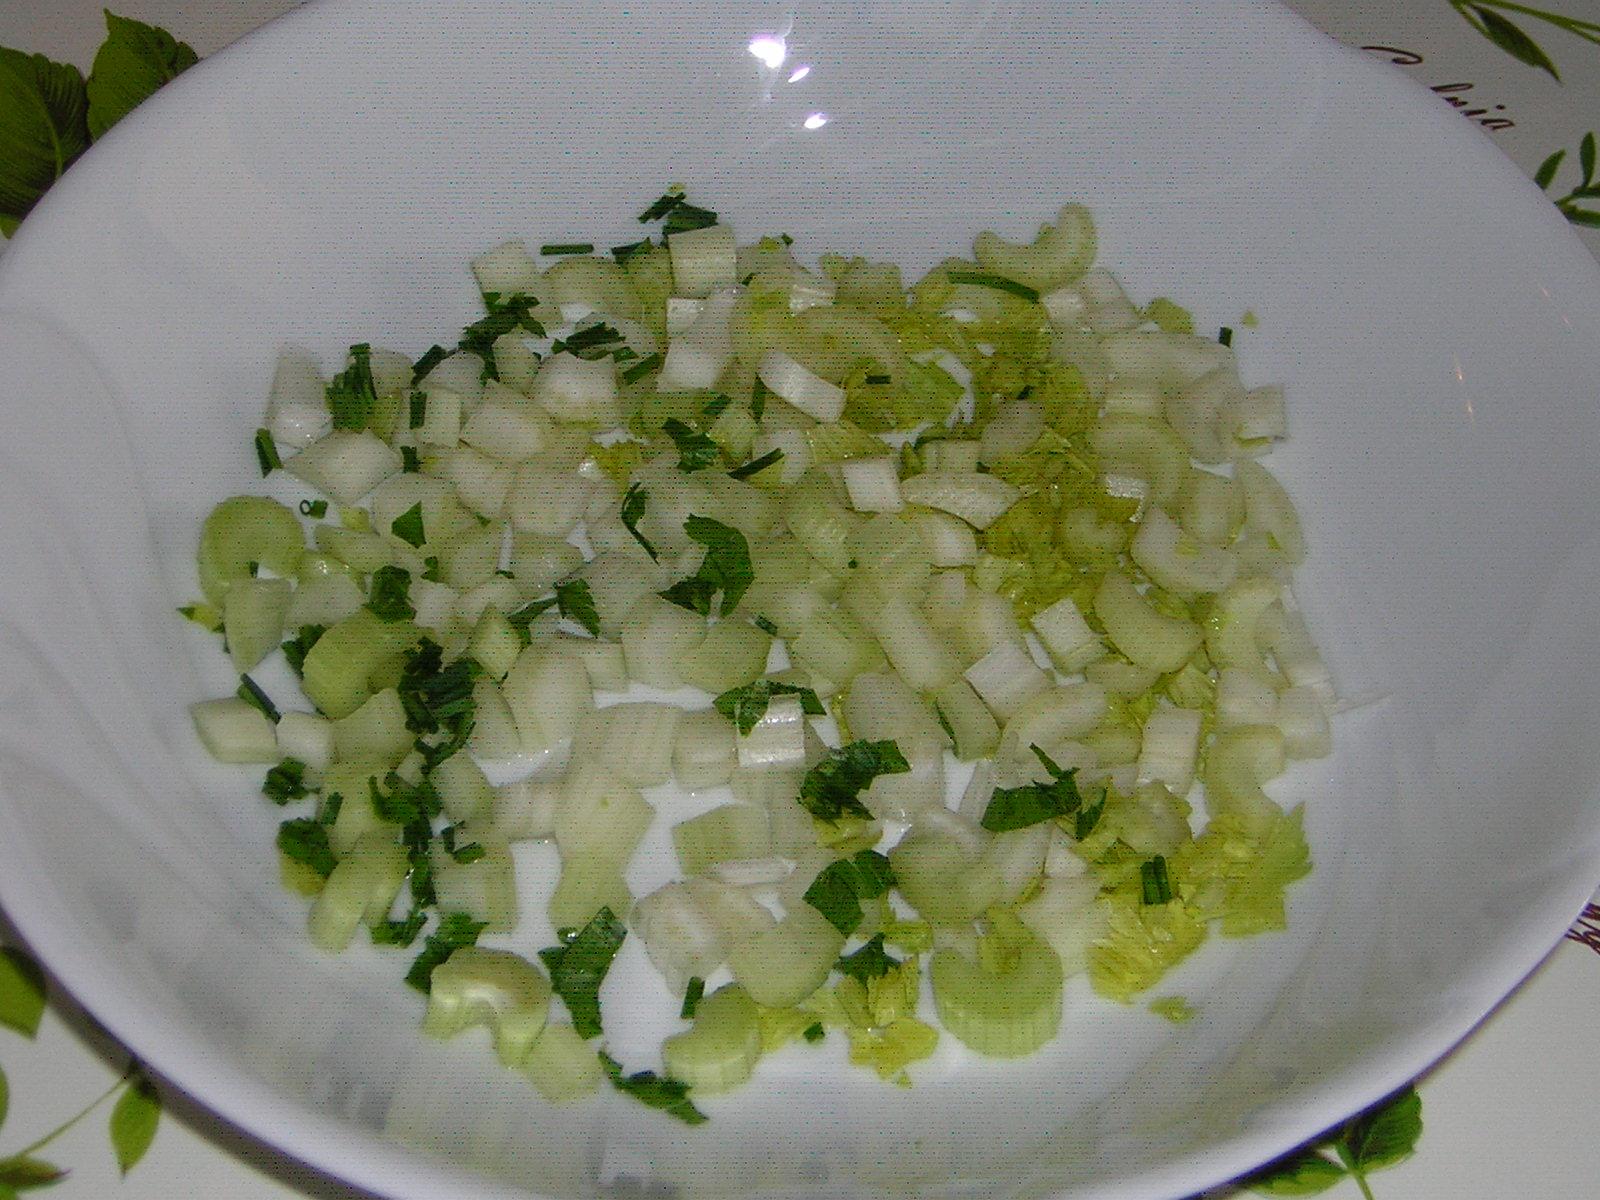 preparazione dell'insalata di fagioli dall'occhio